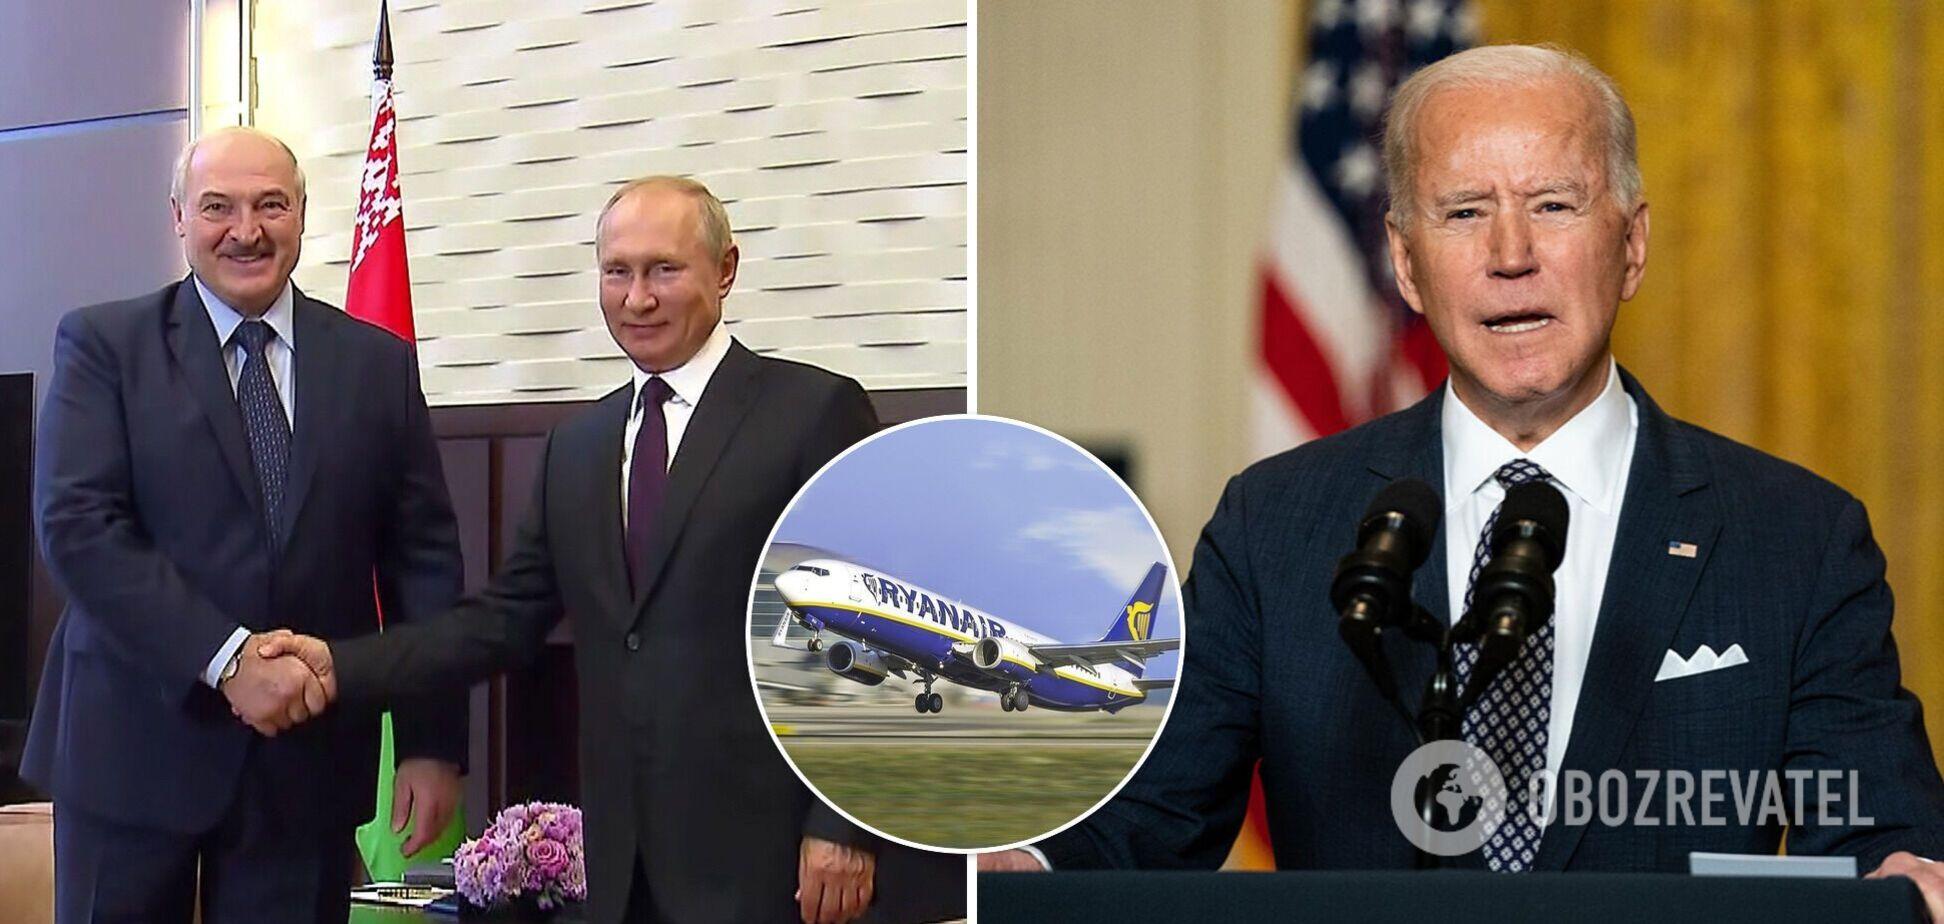 Инцидент сRyanair связали со встречей Путина и Байдена